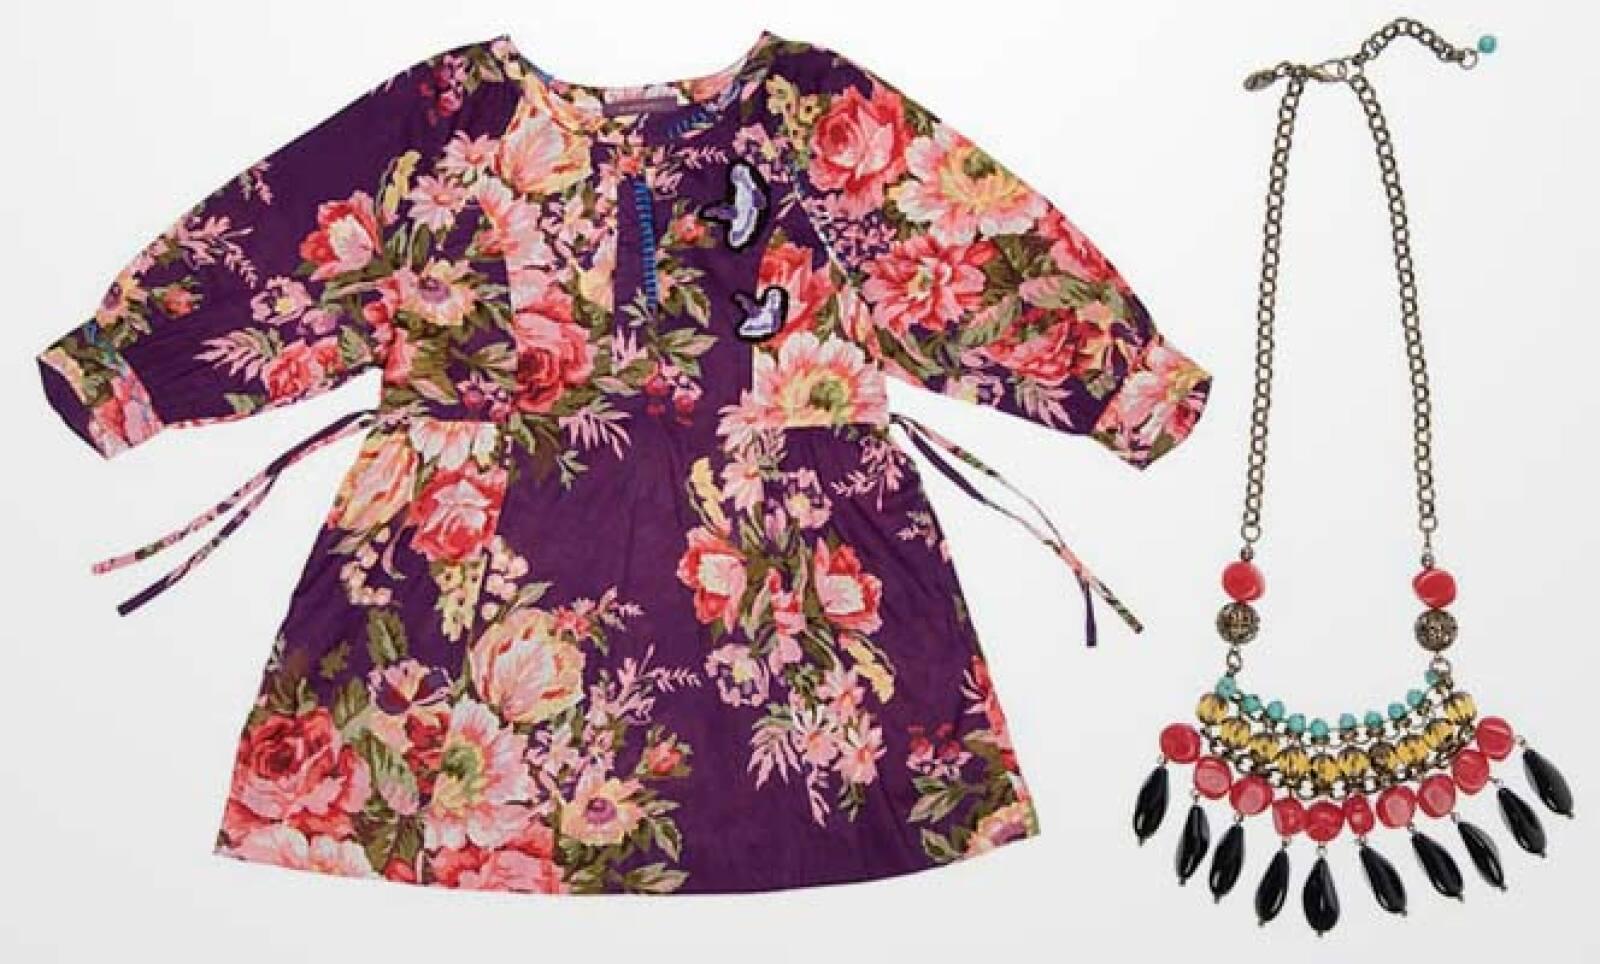 La firma experimenta con otros estilos, como este 'top' típico de la región sudamericana, pero con el complemento de un collar con turquesa y perlas.